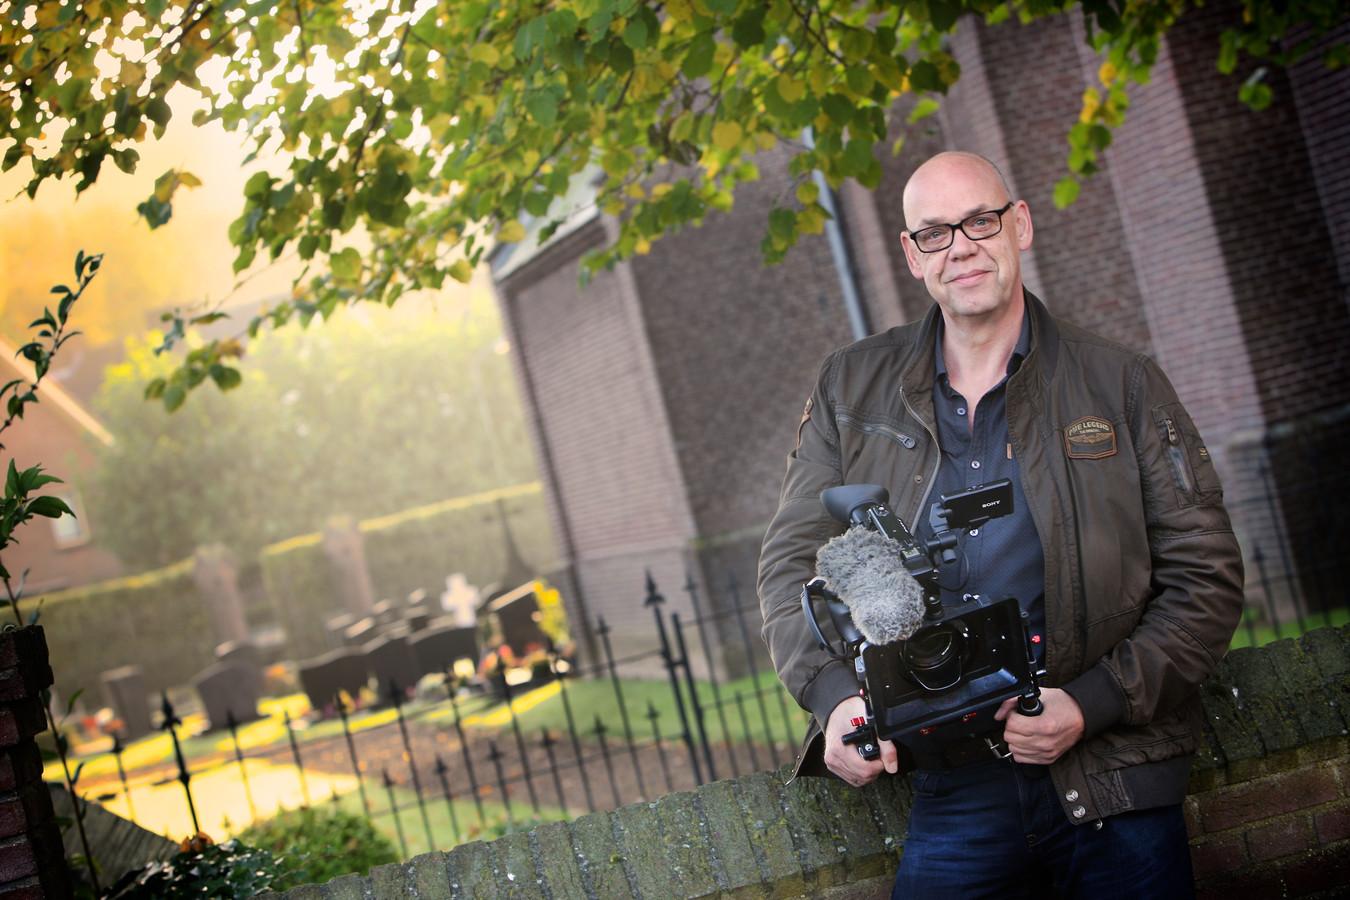 André Versteeg heeft, in opdracht van Stichting Sociaal Cultureel Fonds Maasdriel, een film gemaakt over de dorpen Alem, Kerkdriel, Velddriel en Hoenzadriel.